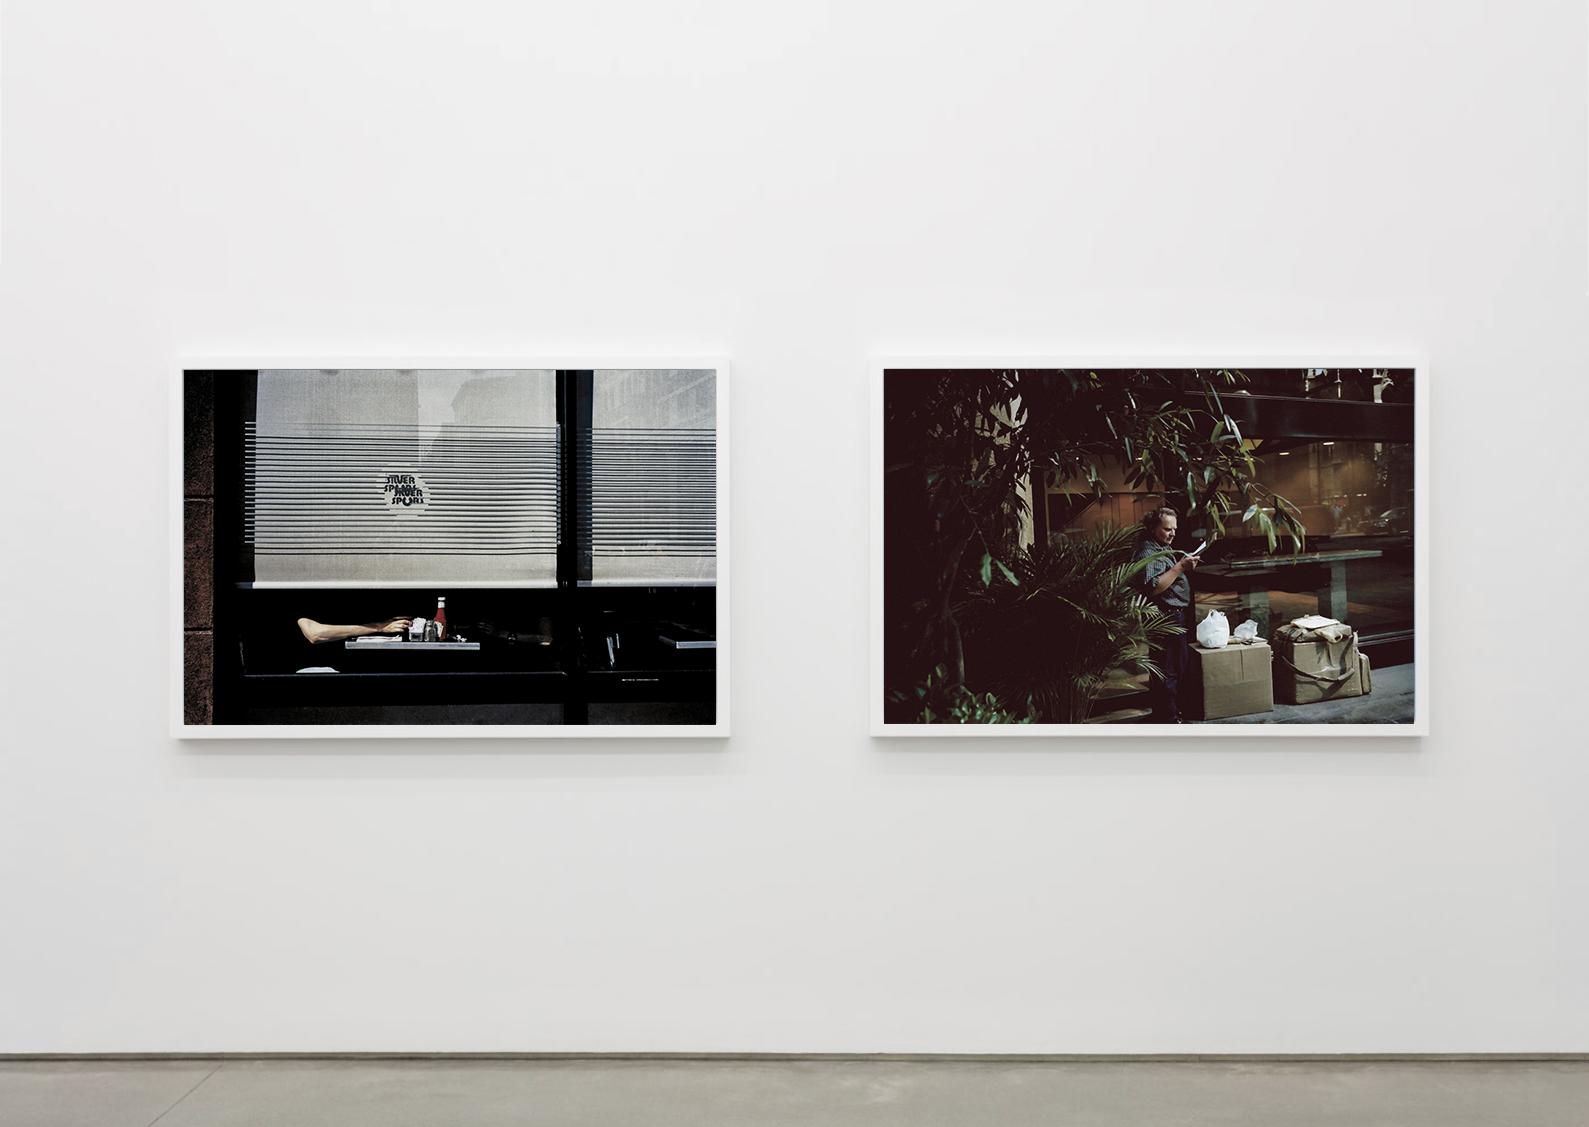 newyork_website_exhibition_05.png